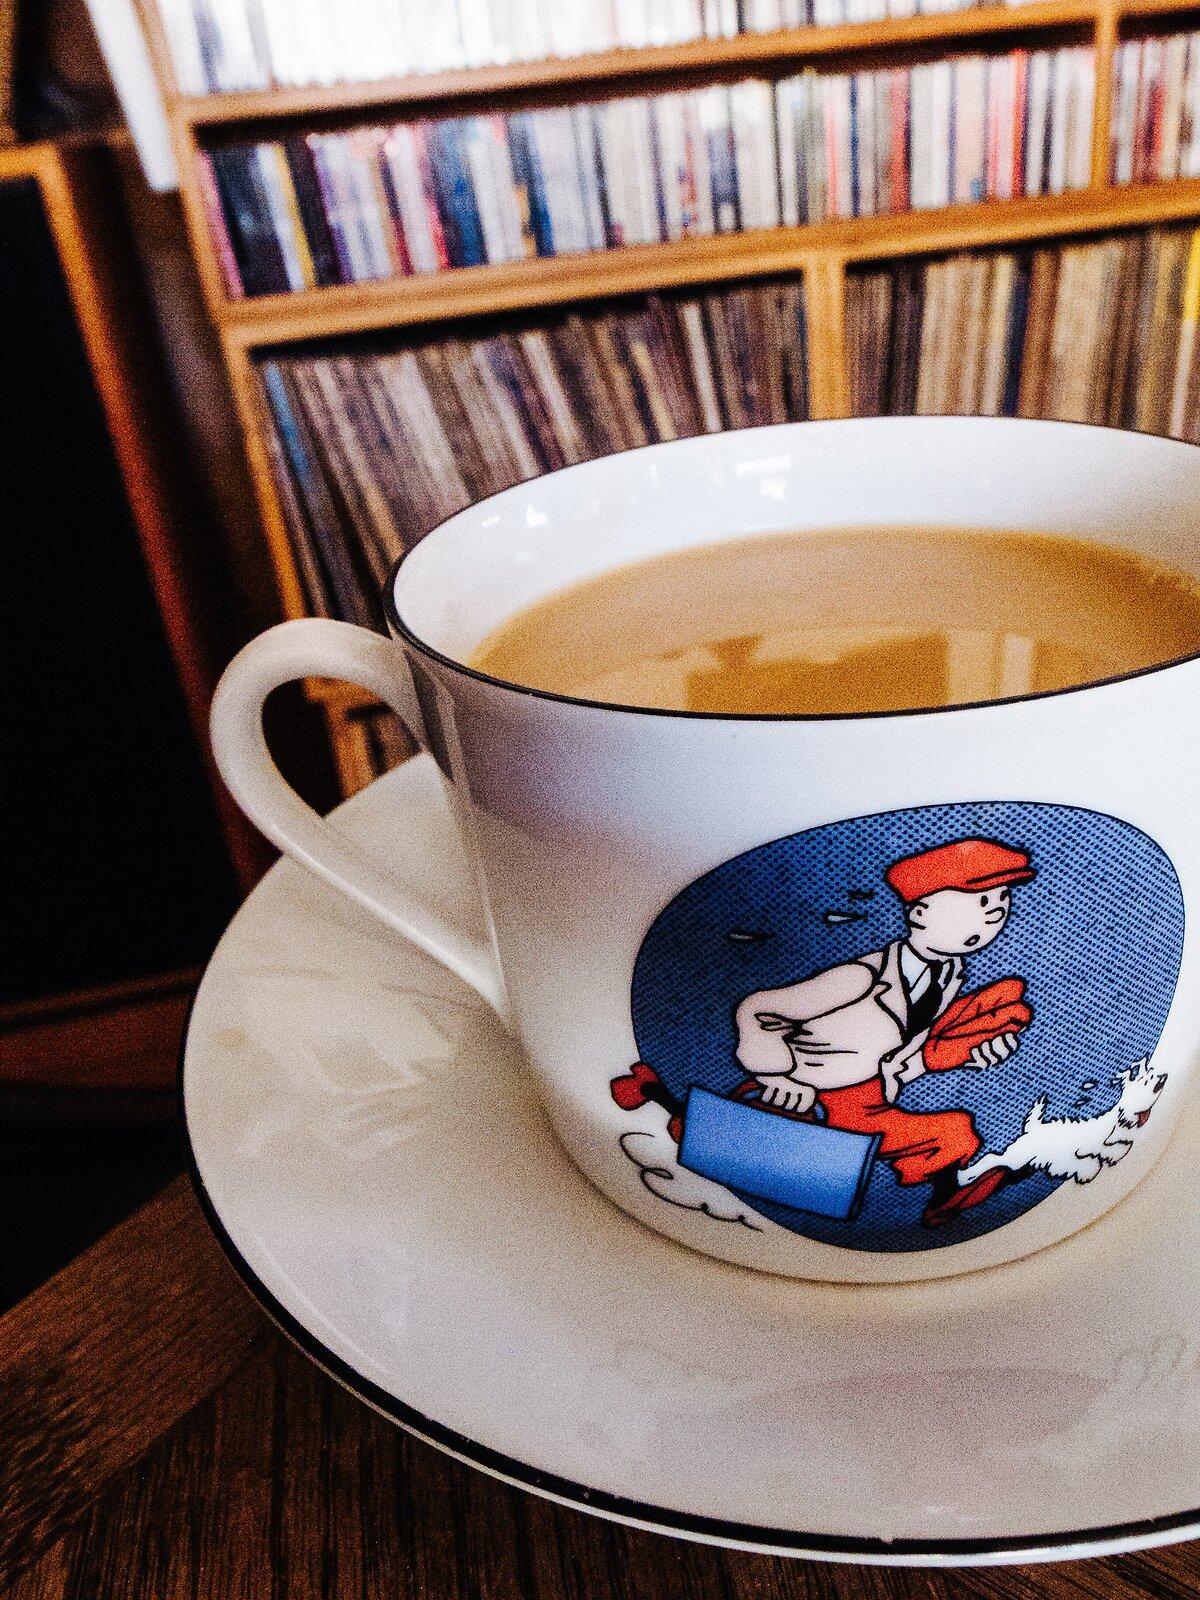 GRD_May5_Tintin&Snowy_Teacup(ekRP800).jpg